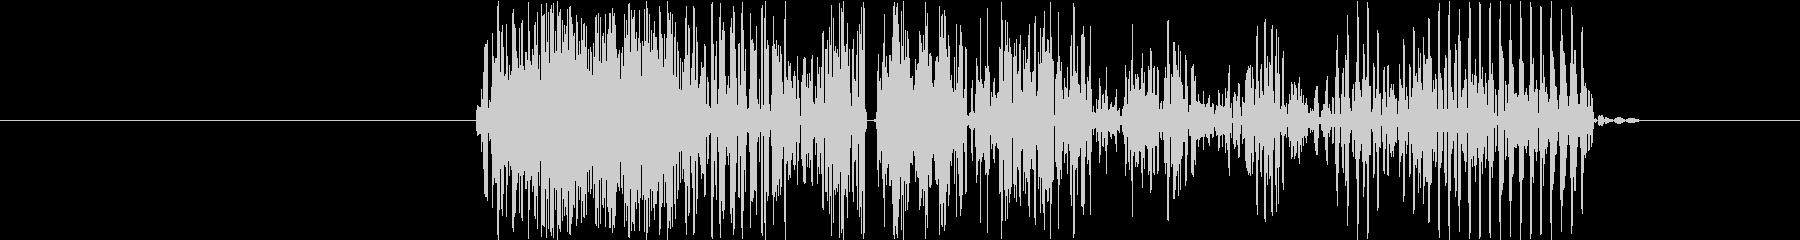 キャンセル音、エラー音の未再生の波形